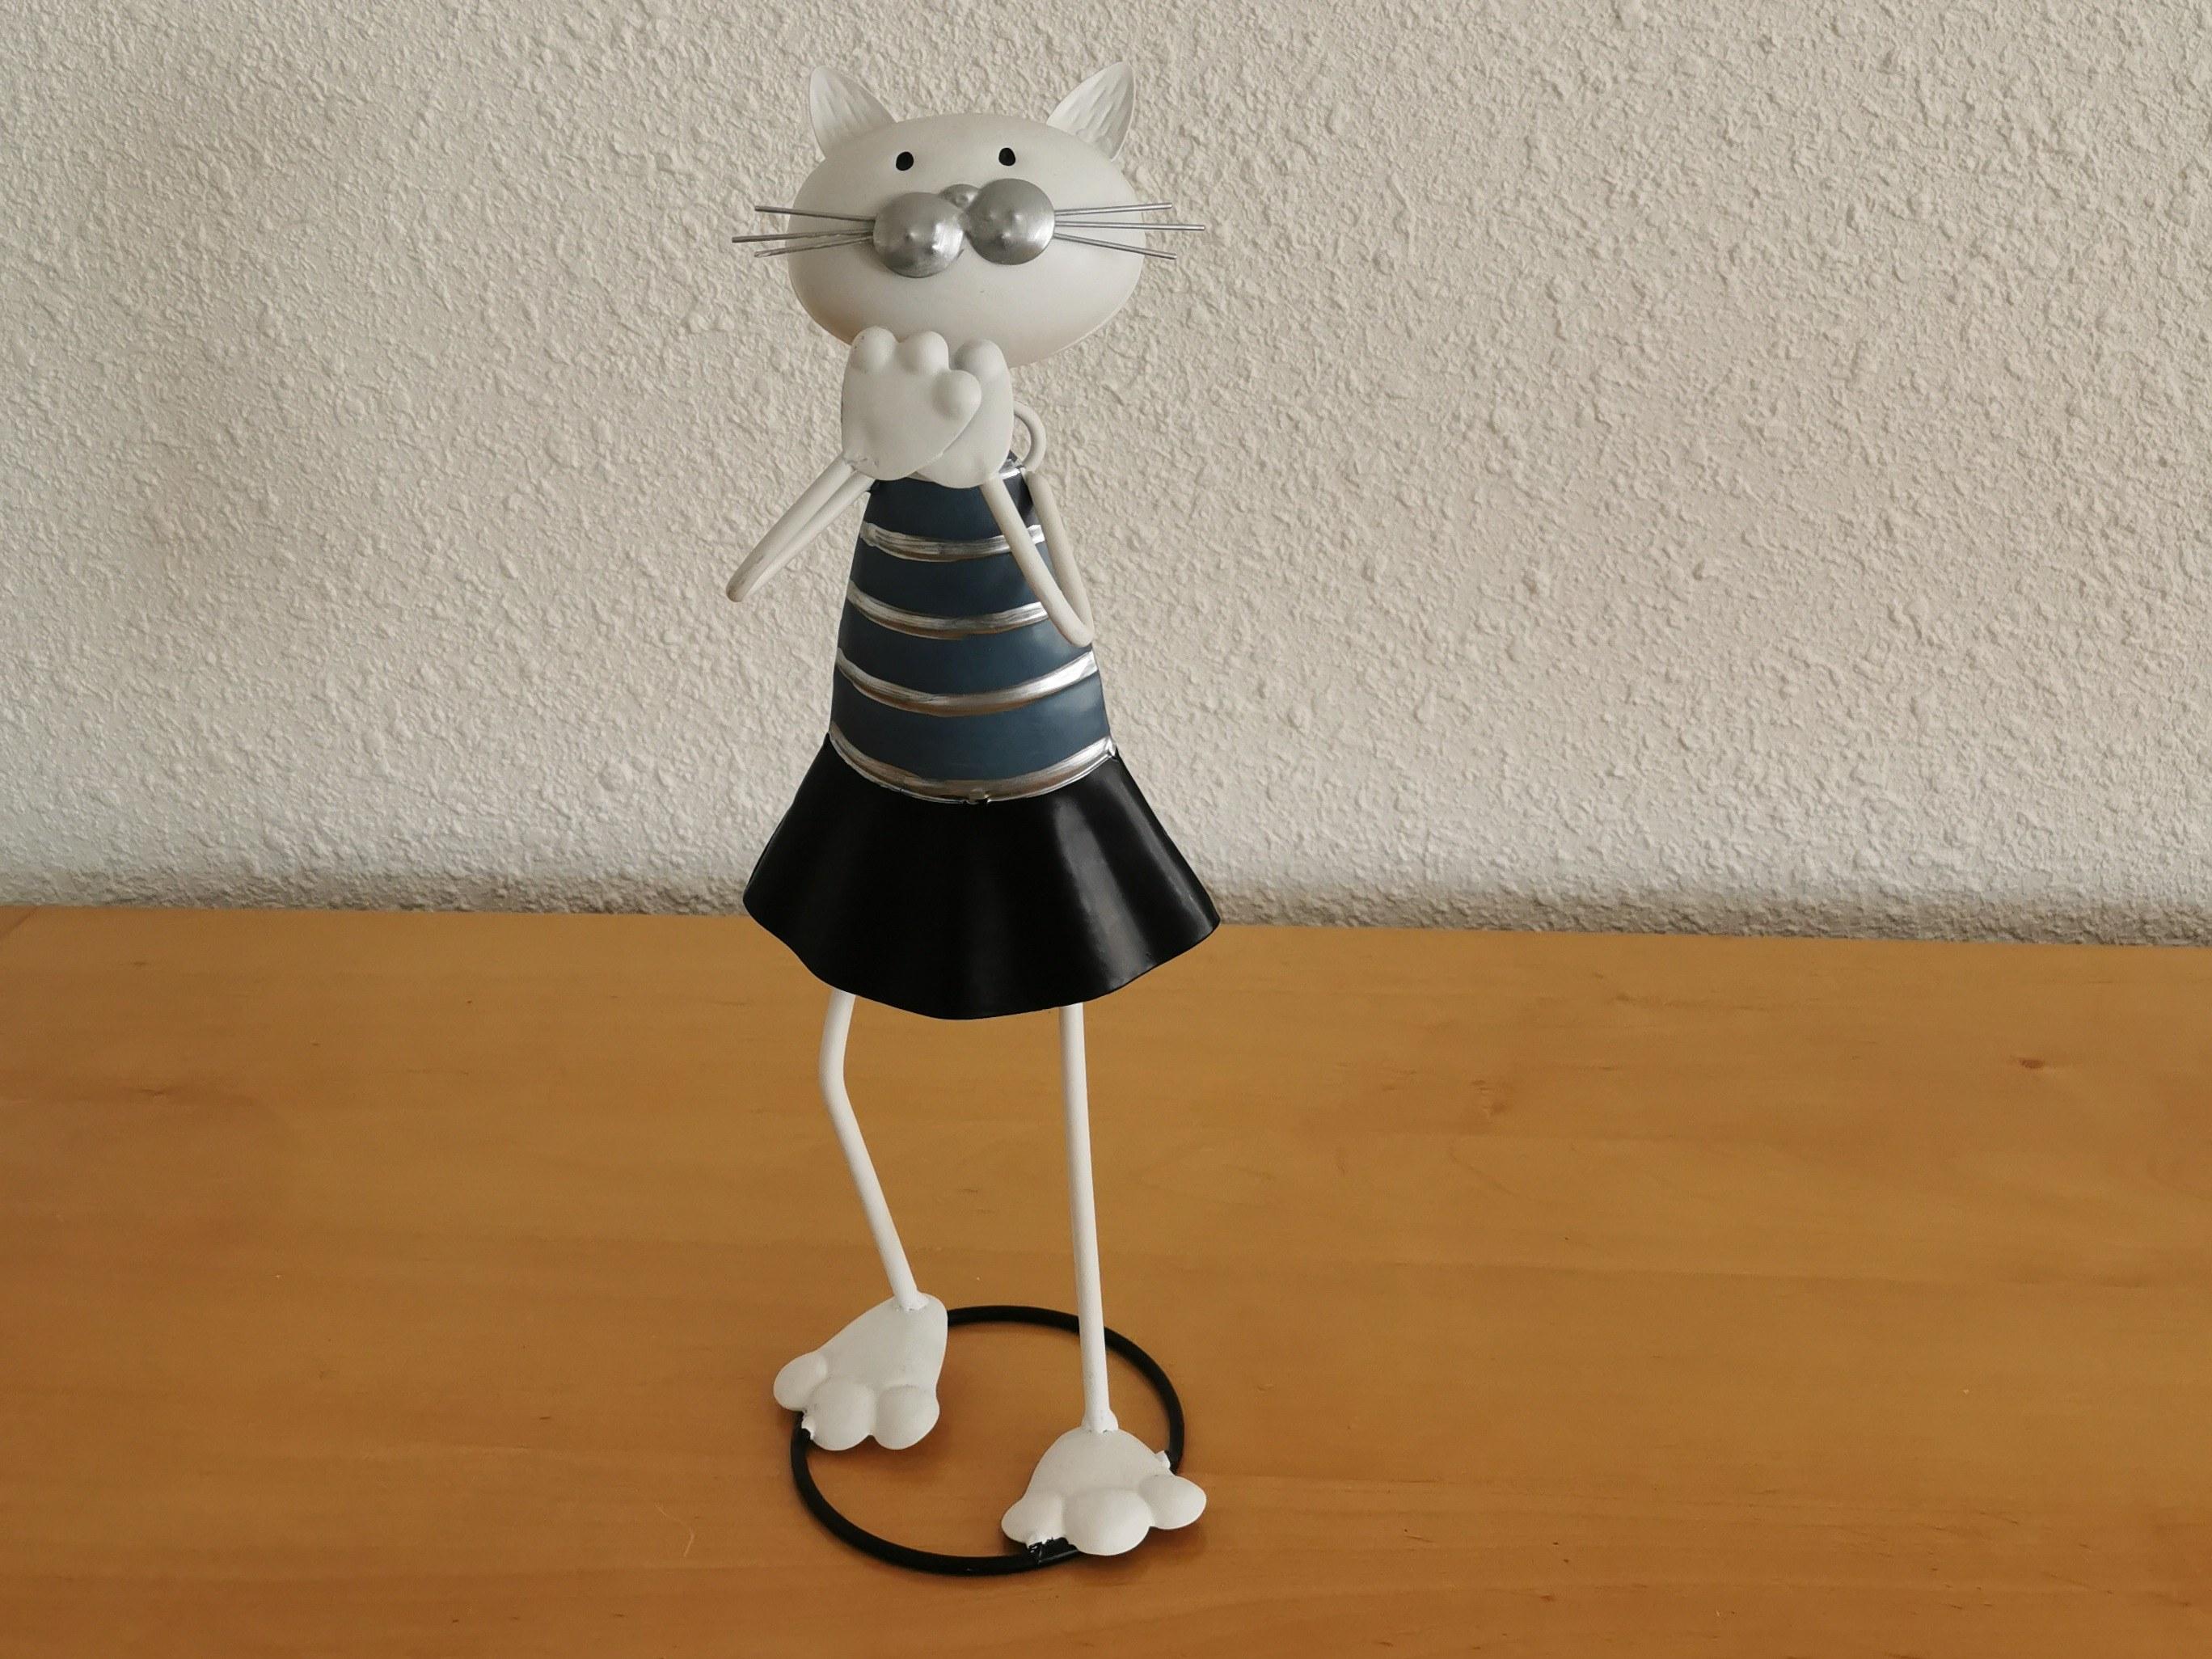 chat métal girly étonnée histoire de fer